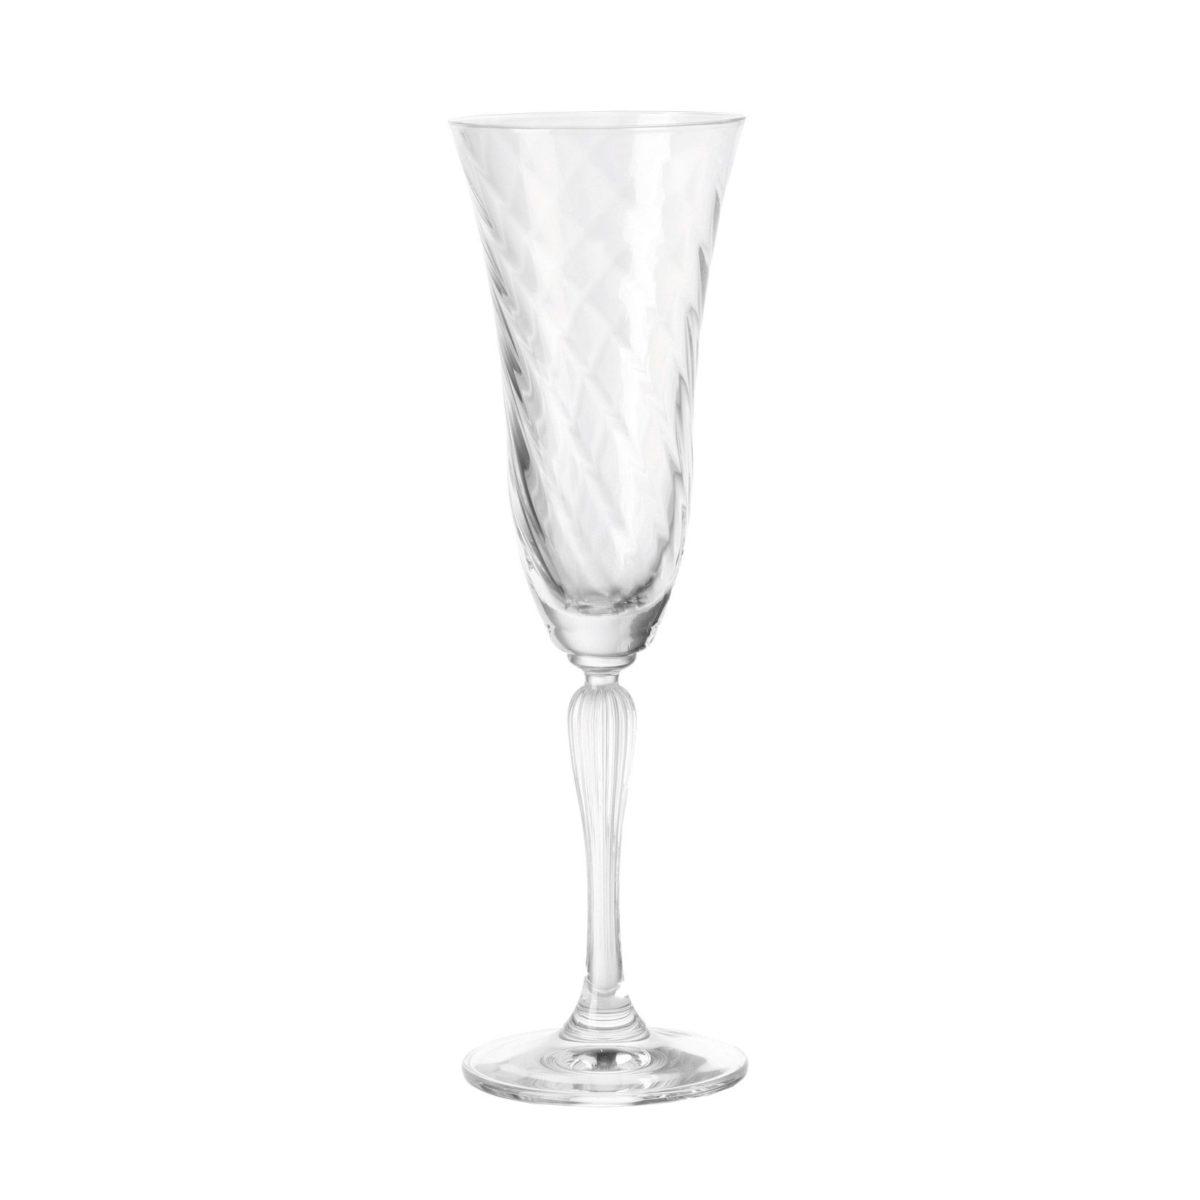 020763 0 k 1200x1200 - Pahar pentru șampanie Volterra 185 ml (L020763)